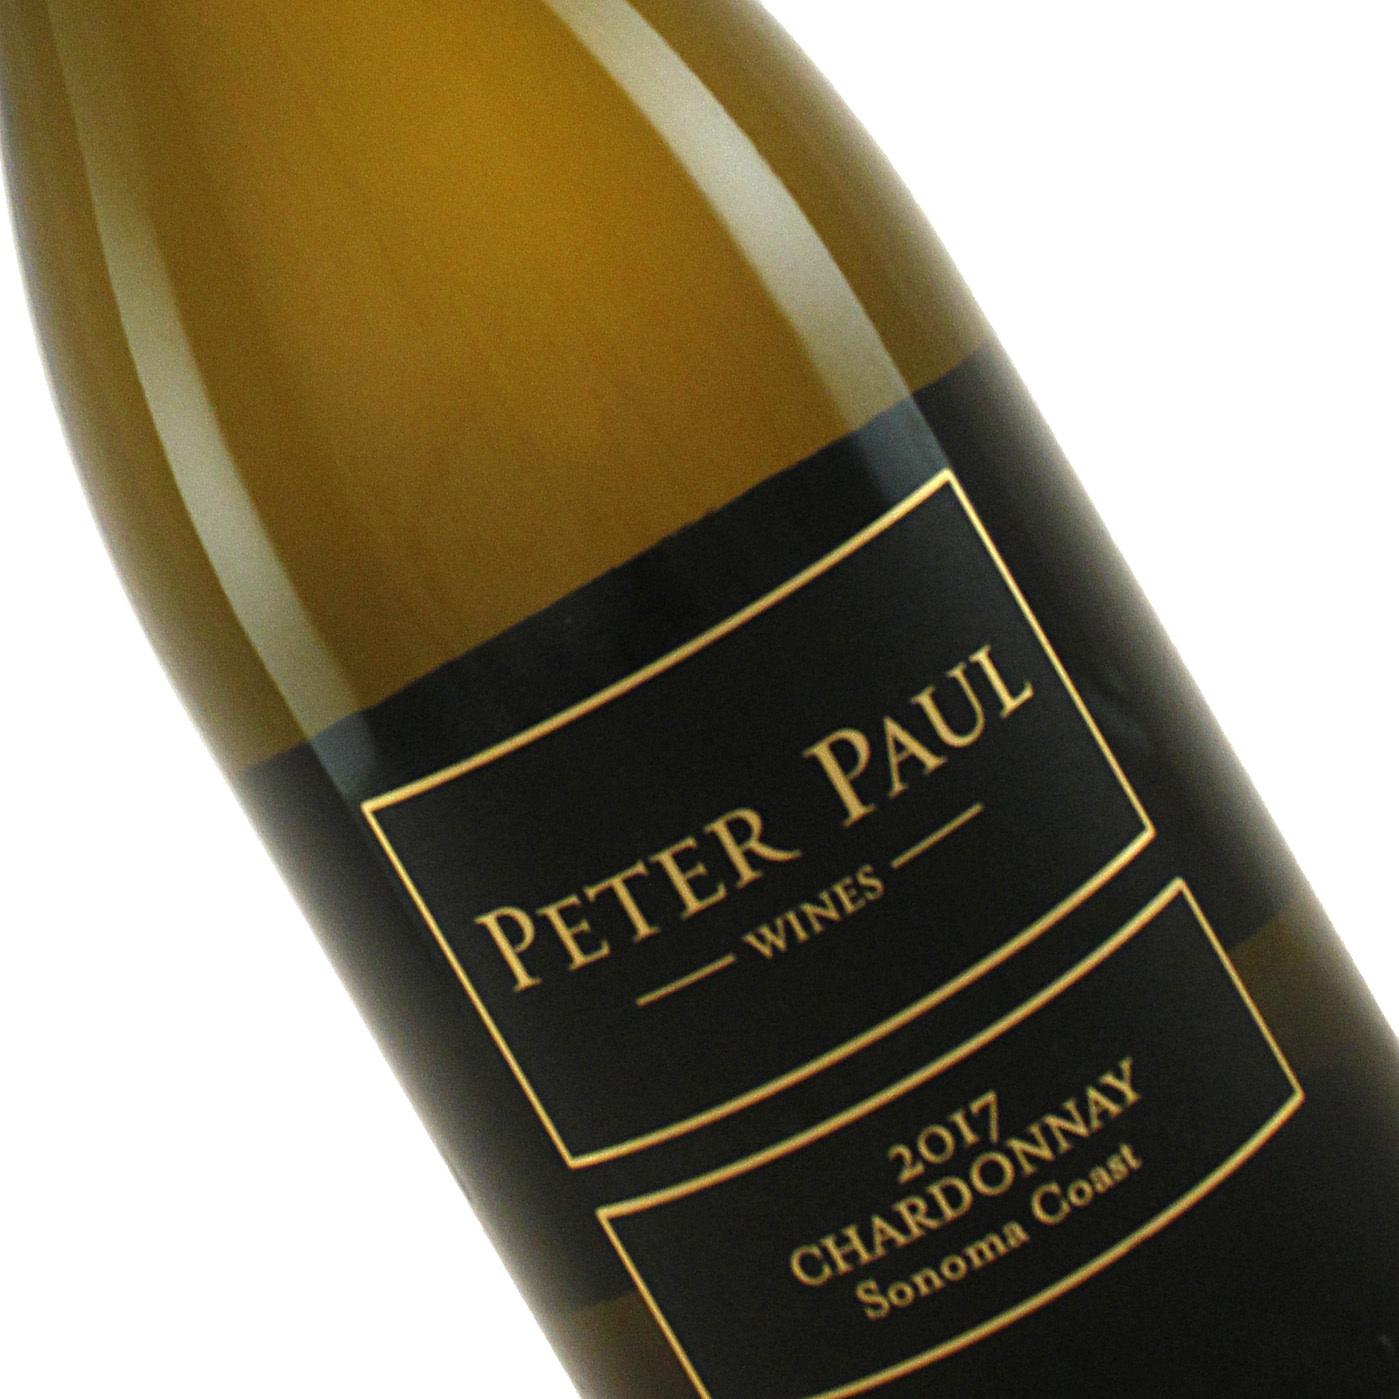 Peter Paul Wines 2017 Chardonnay Sonoma Coast